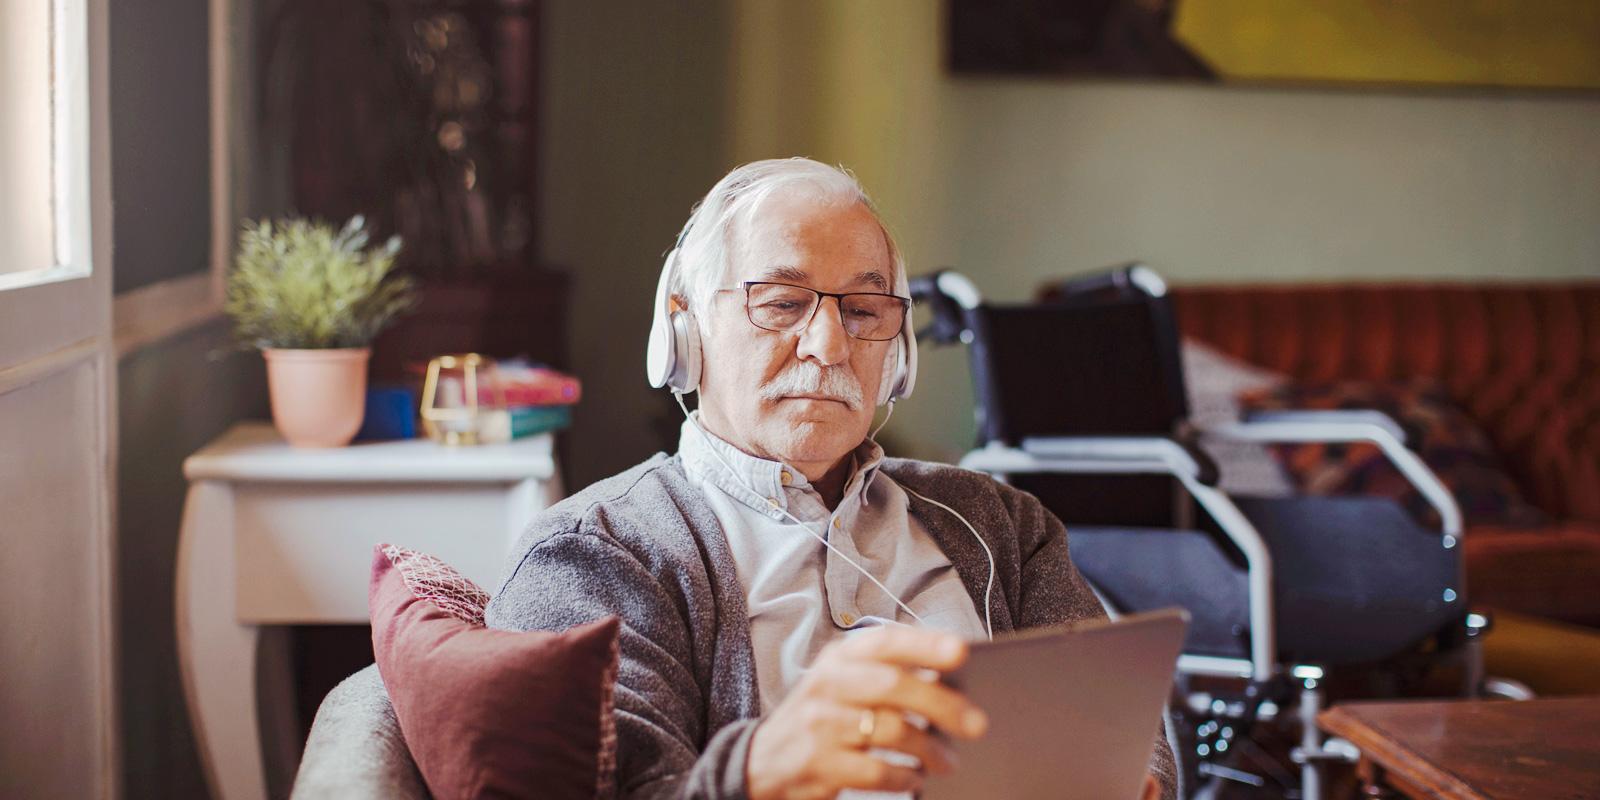 oudere man met ipad